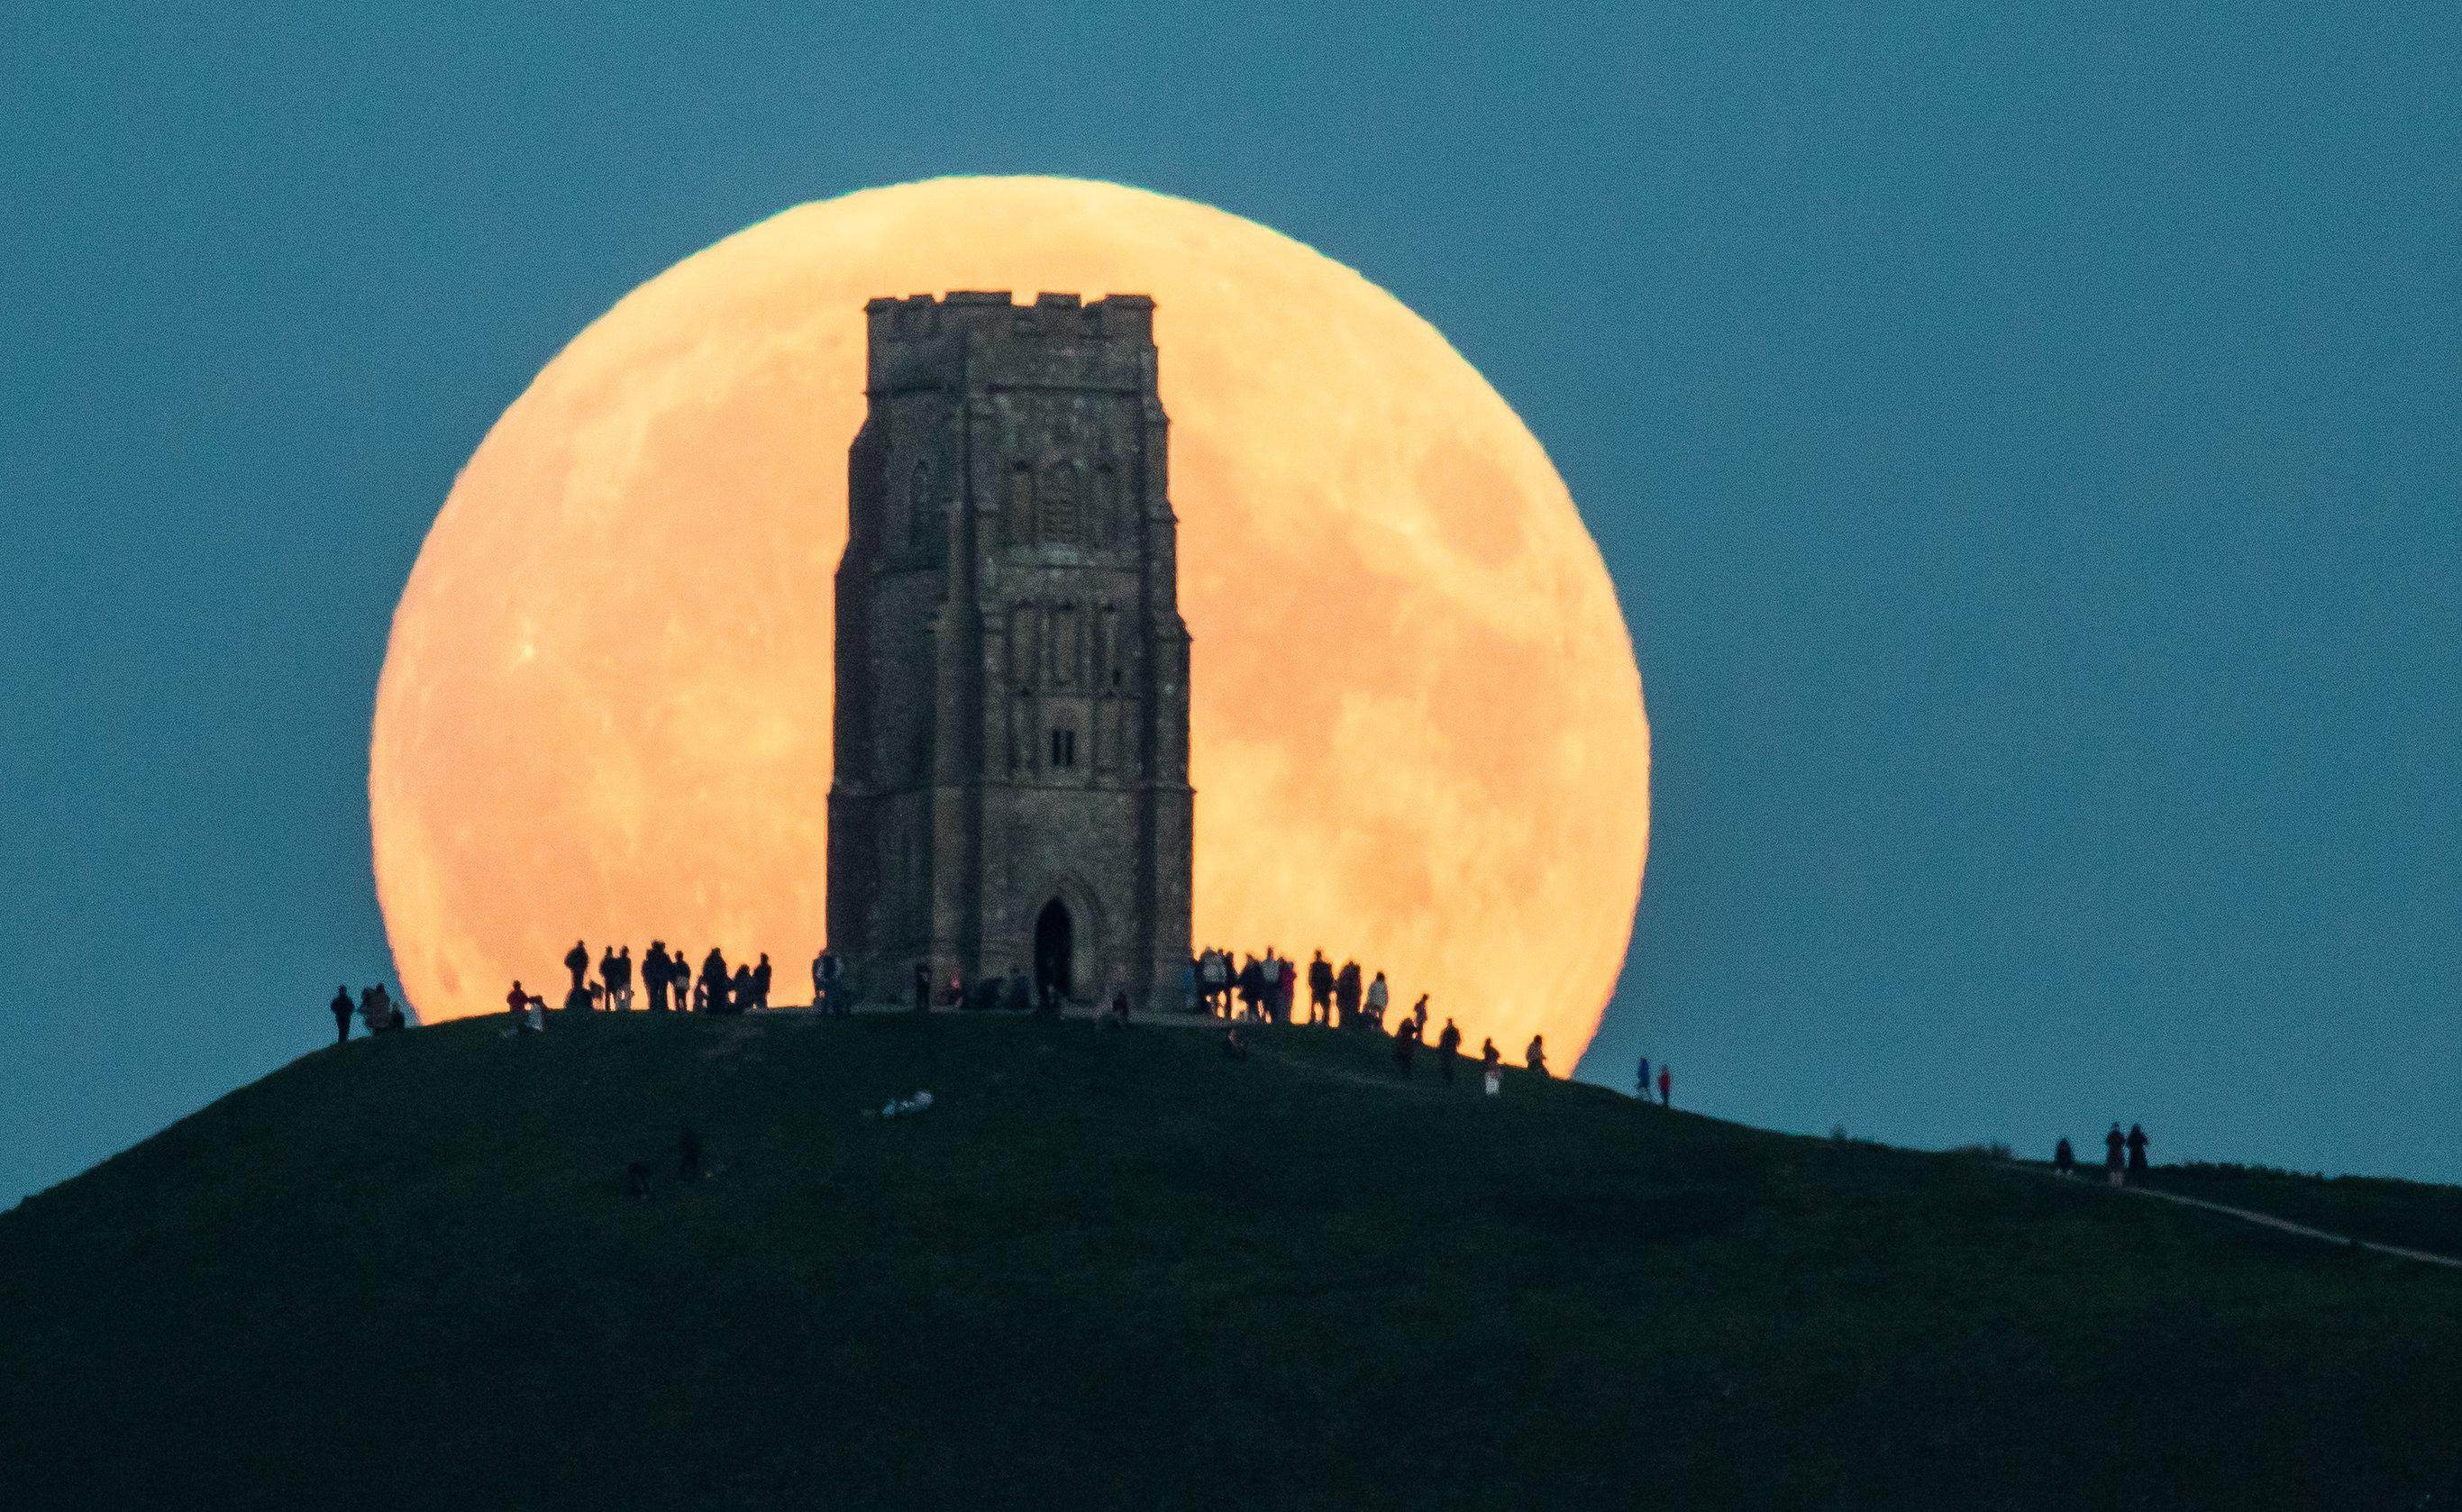 клёвое фото гигантской луны желаю море